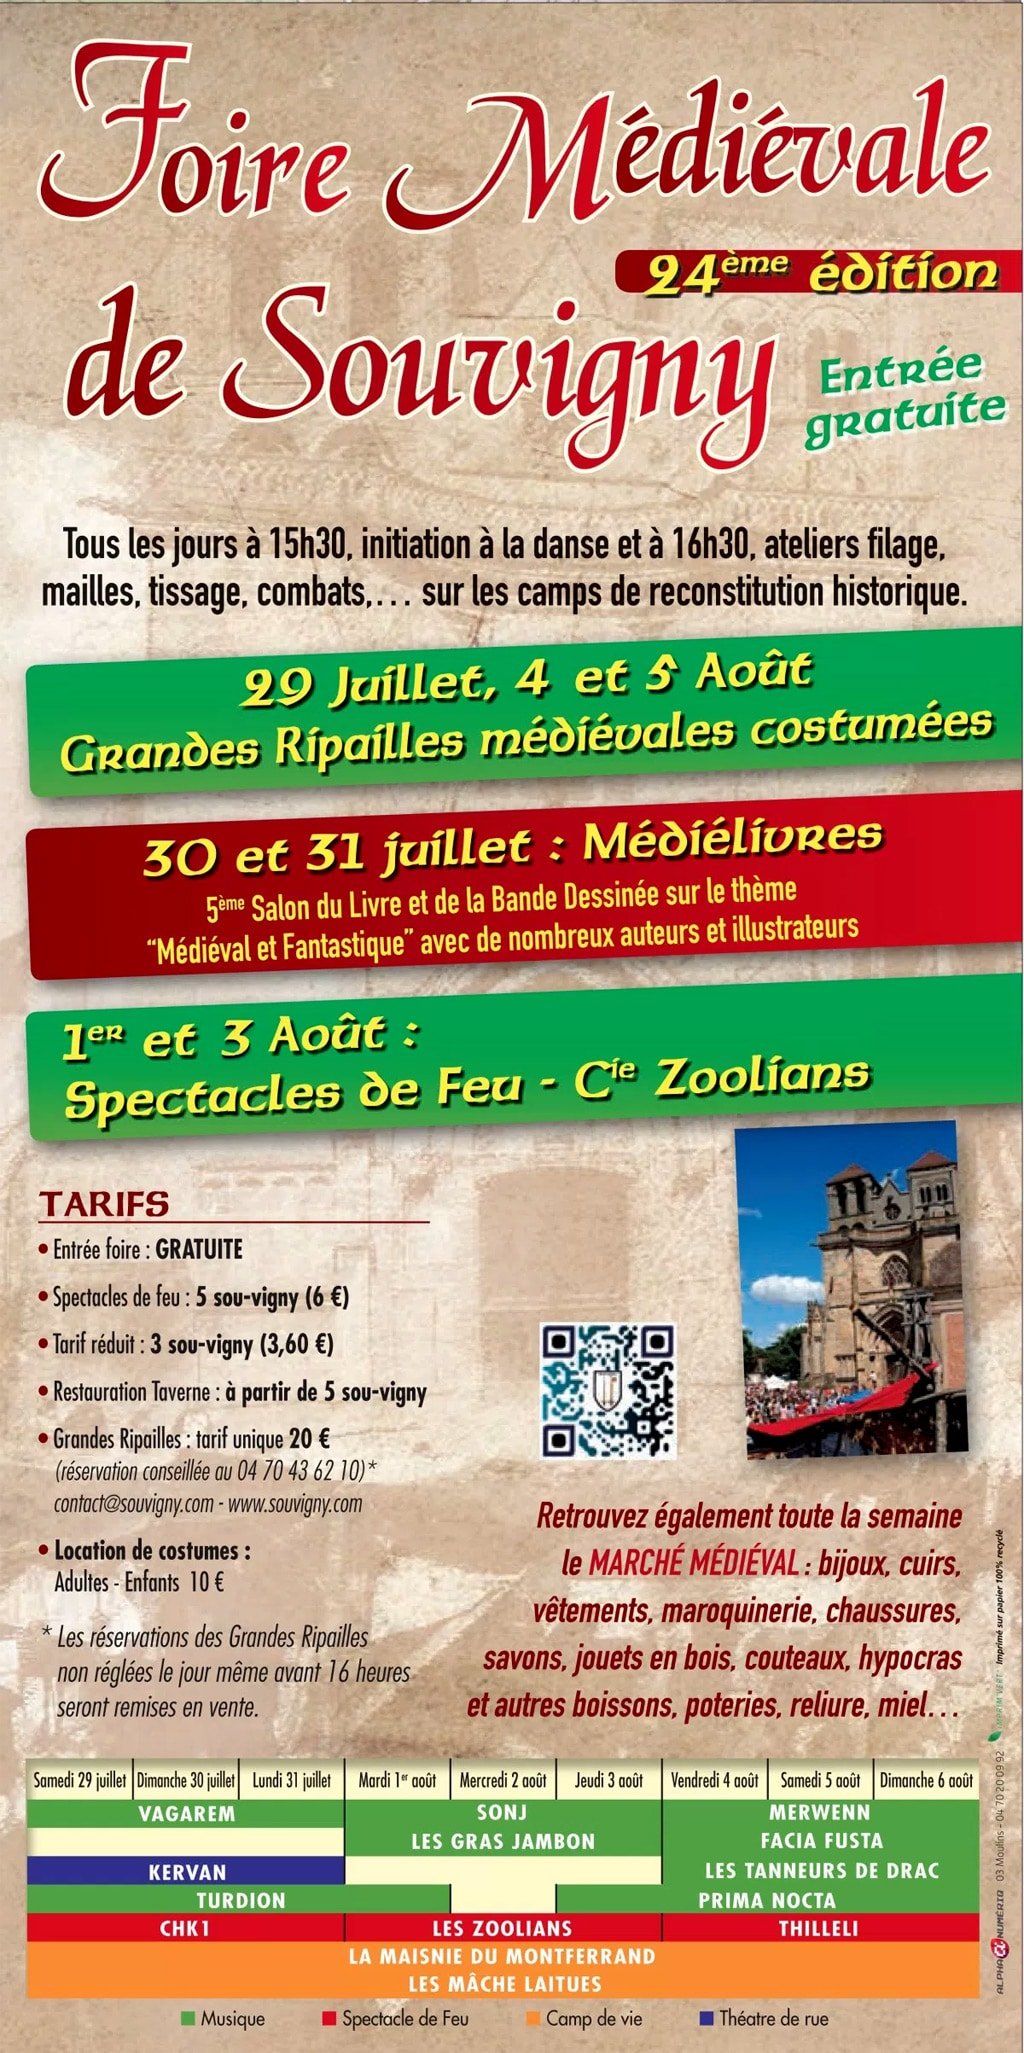 festival_fetes_foire_medievales_souvigny_animations_concert_medievales_auvergne_rhone-alpes